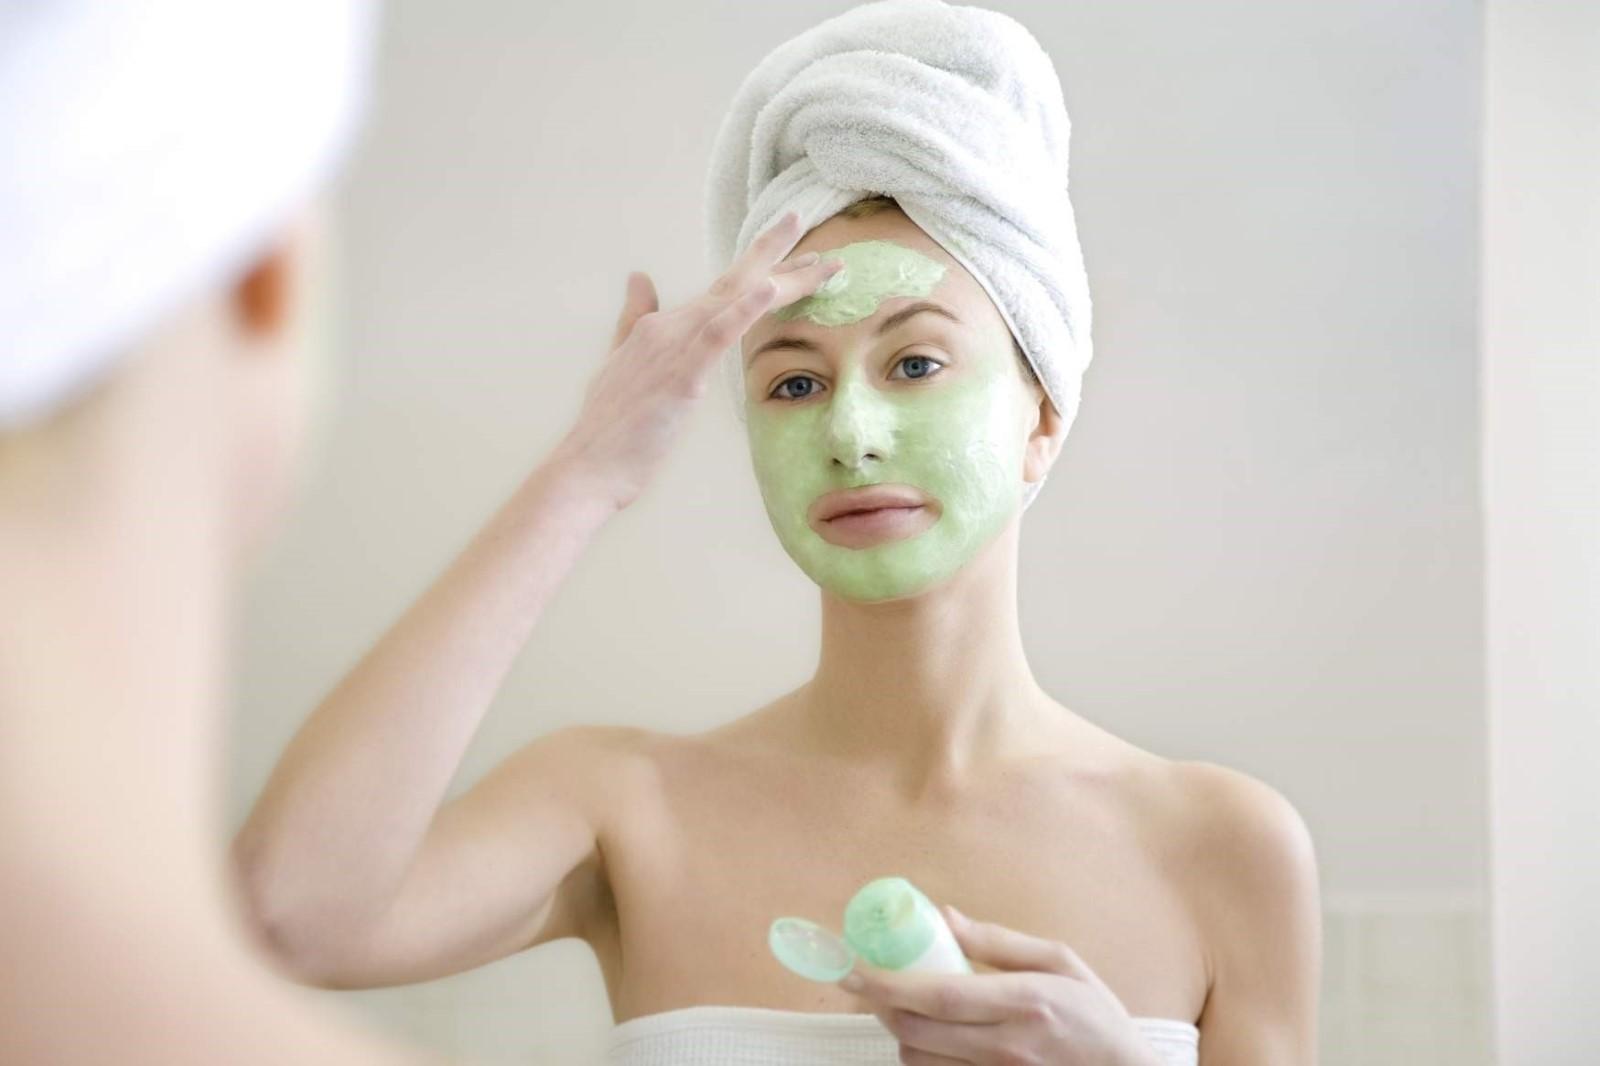 Lỗi sai kinh điển khi dùng mặt nạ gel - bấm vào xem ngay để tránh chảy xệ, nhăn da - Ảnh 2.